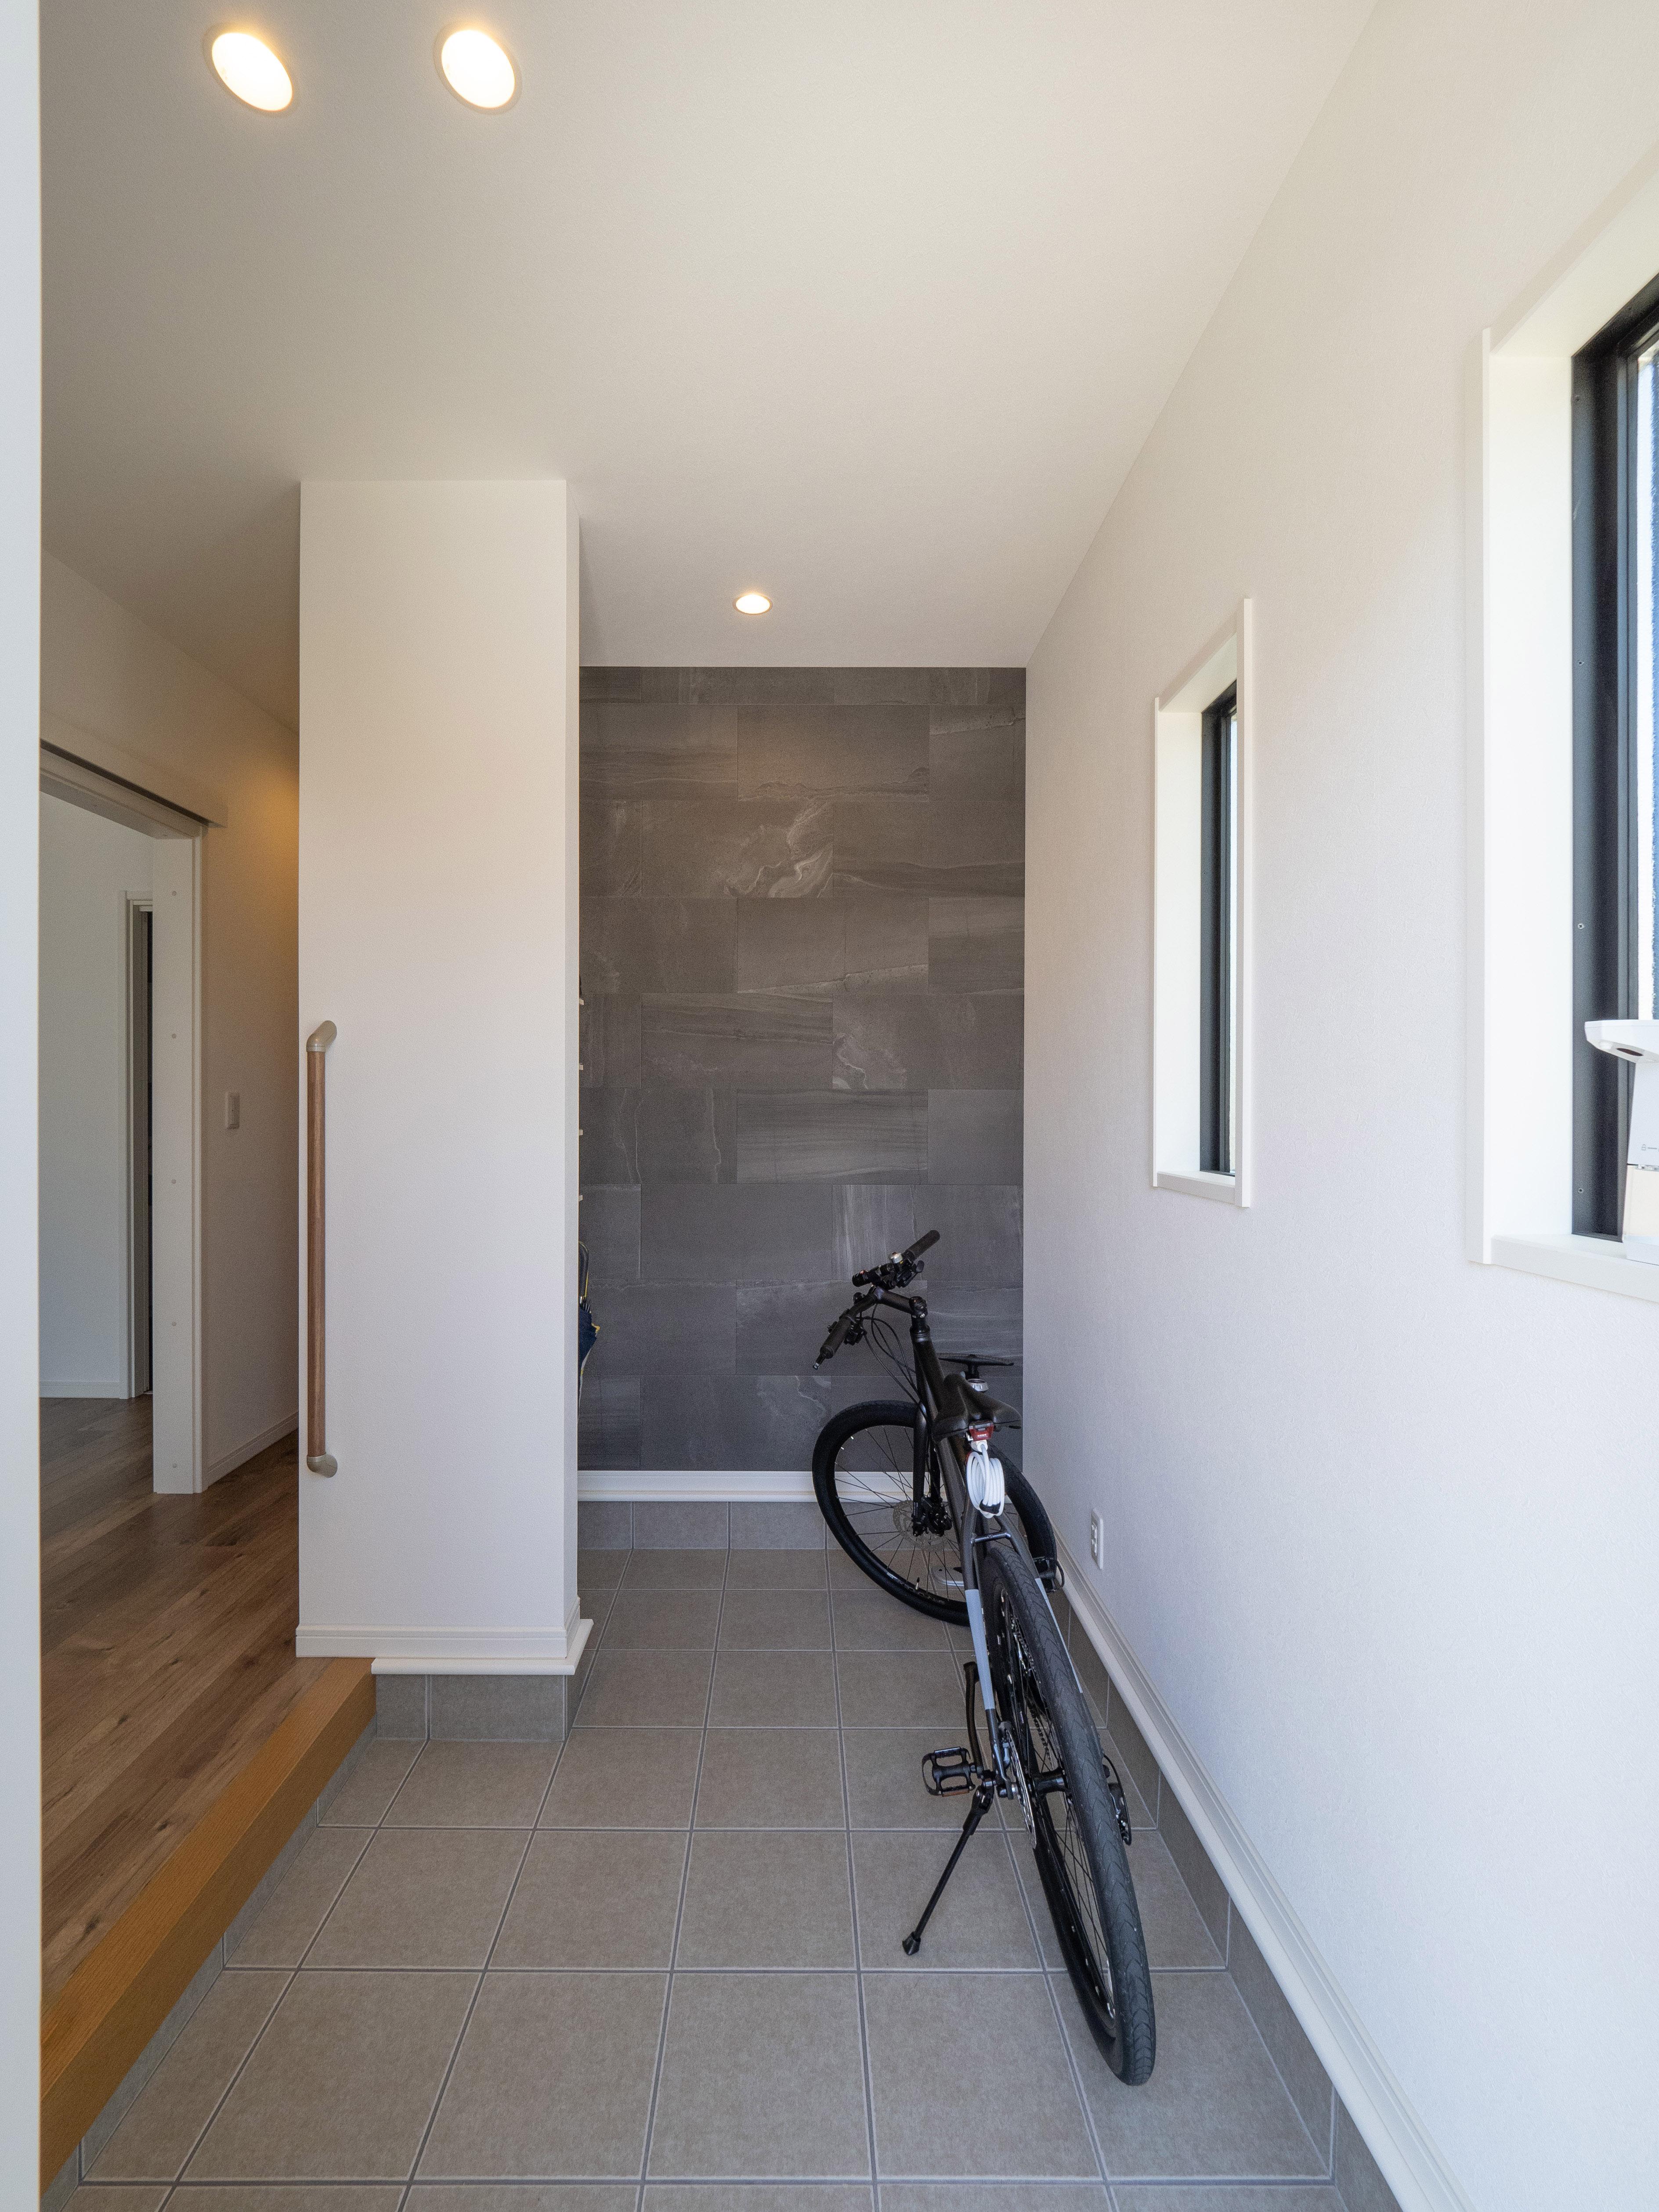 クレバリーホーム浜松東店【デザイン住宅、夫婦で暮らす、間取り】奥行きのある玄関土間。ご主人のマウンテンバイクを置いても十分なスペースを確保。ベビーカーやお子様の自転車も置くことができる。奥の壁には、デザインだけでなく脱臭・調湿効果もあるエコカラット を施工した